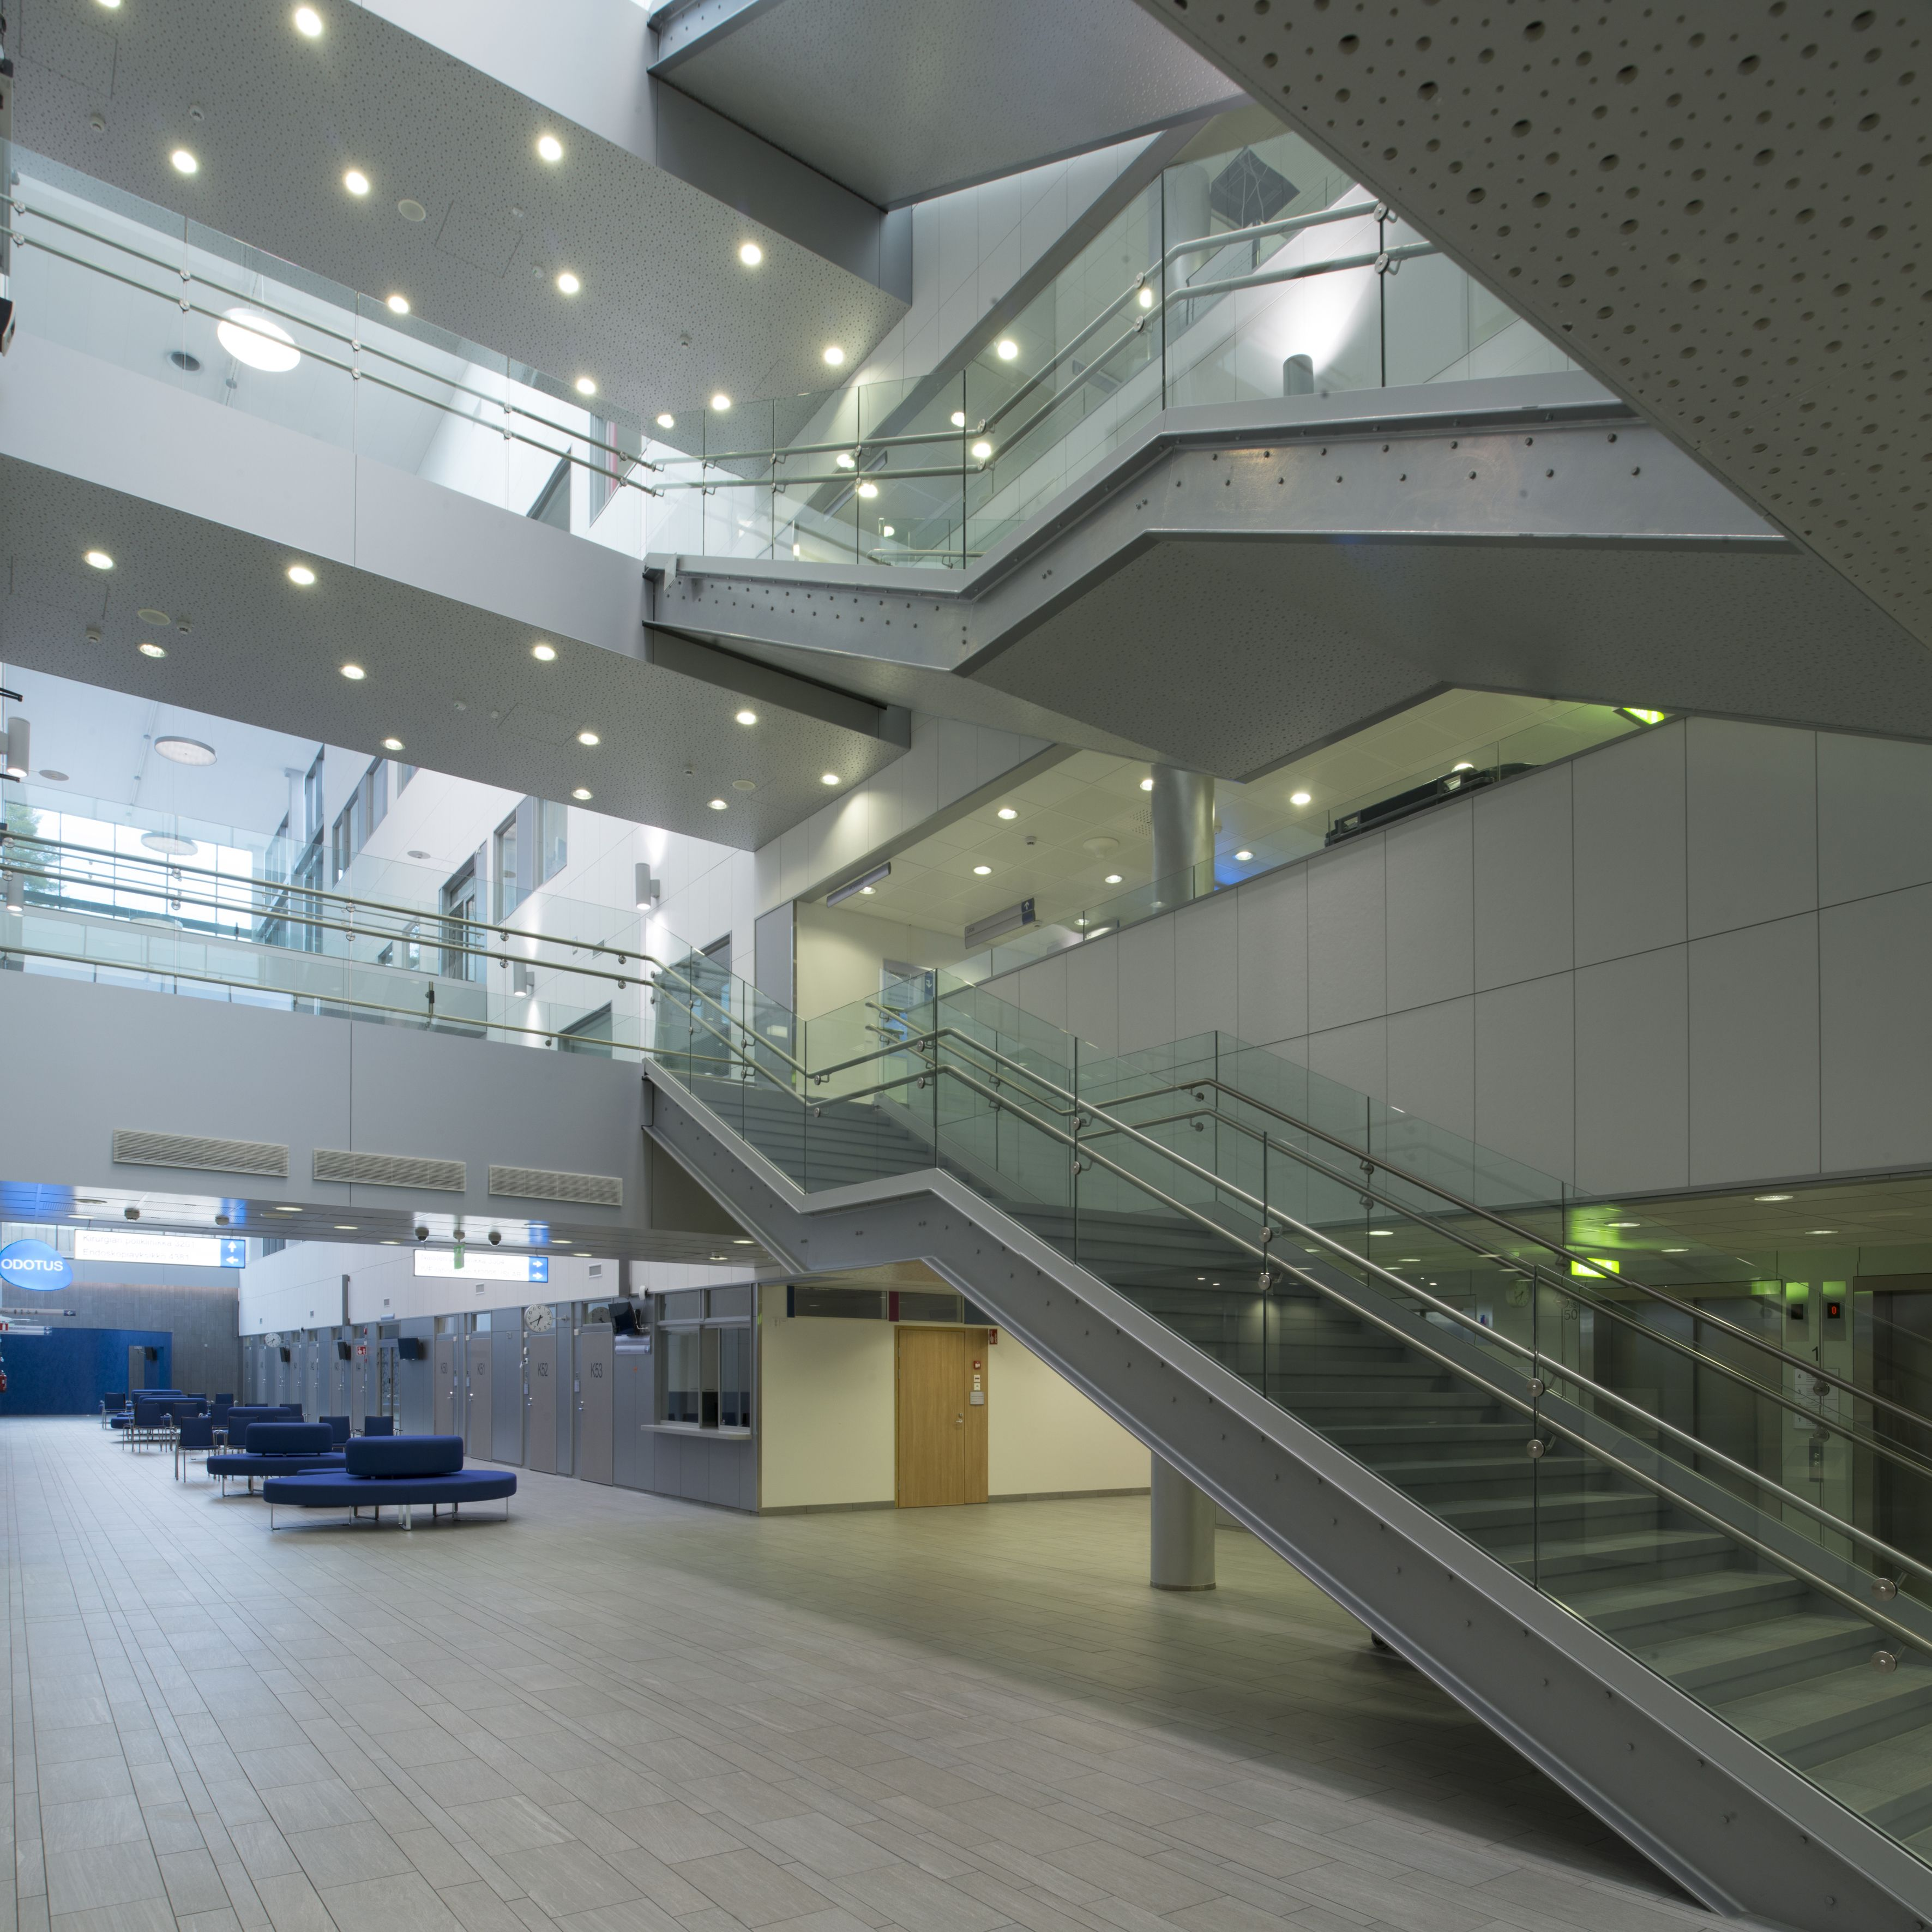 Steelpro:n yksi viimeisimpiä valmistuneita kokonaisuuksia, kuvassa Puijon Sairaalan aulatila.  #habitare2015 #design #sisustus #messut #helsinki #messukeskus